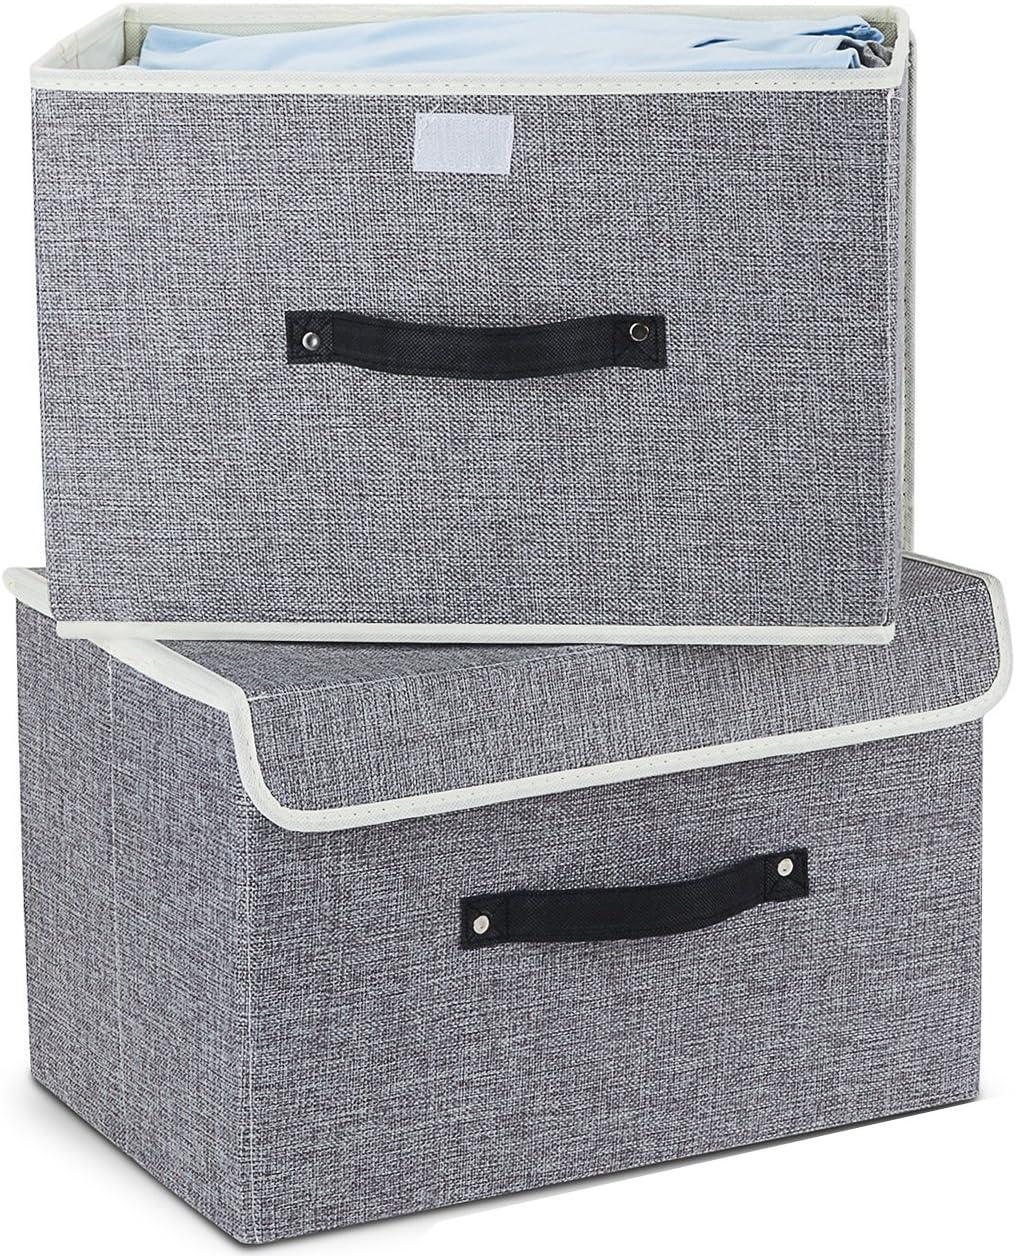 MEE'LIFE Cajas de Almacenamiento Juego de 2, Cestas de Almacenamiento Plegables de Tela de algodón Cestas con Tapas y Asas Caja de Almacenamiento para estantes Contenedor de Ropa (Gris Claro)